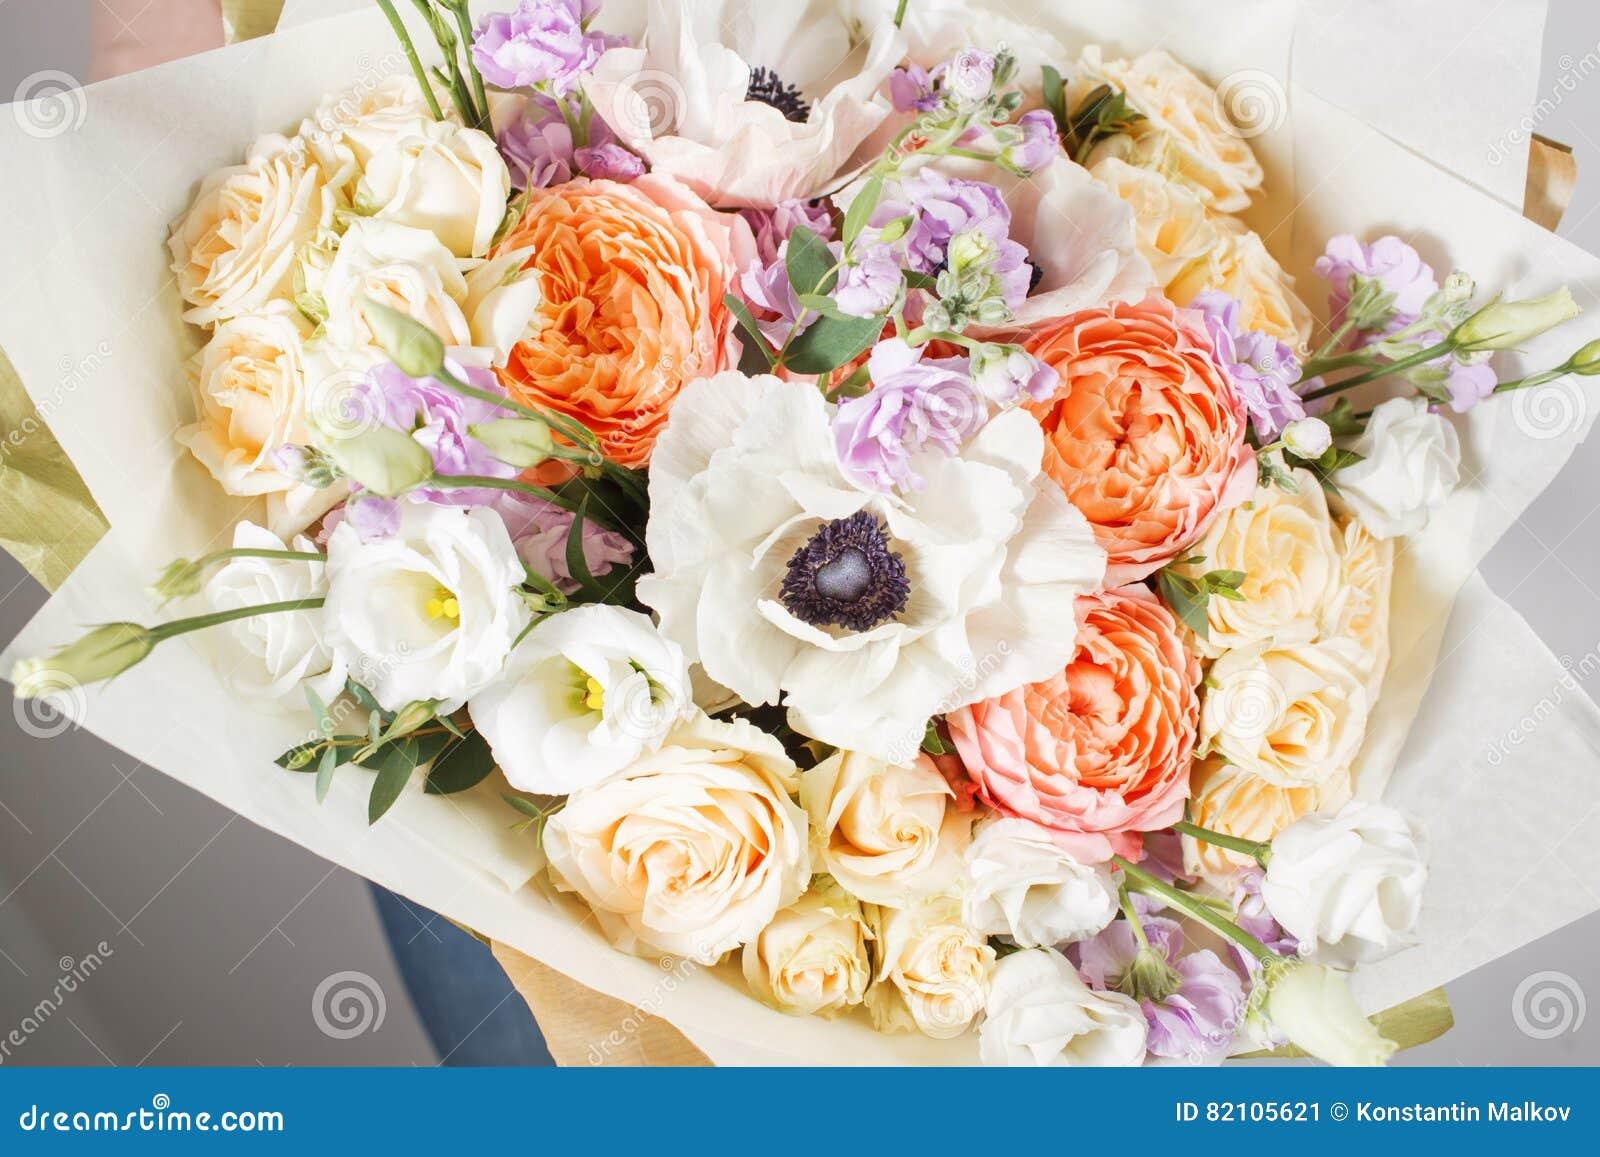 Fleuriste Au Travail Faites A Bouquet Riche La Couleur Differente Et